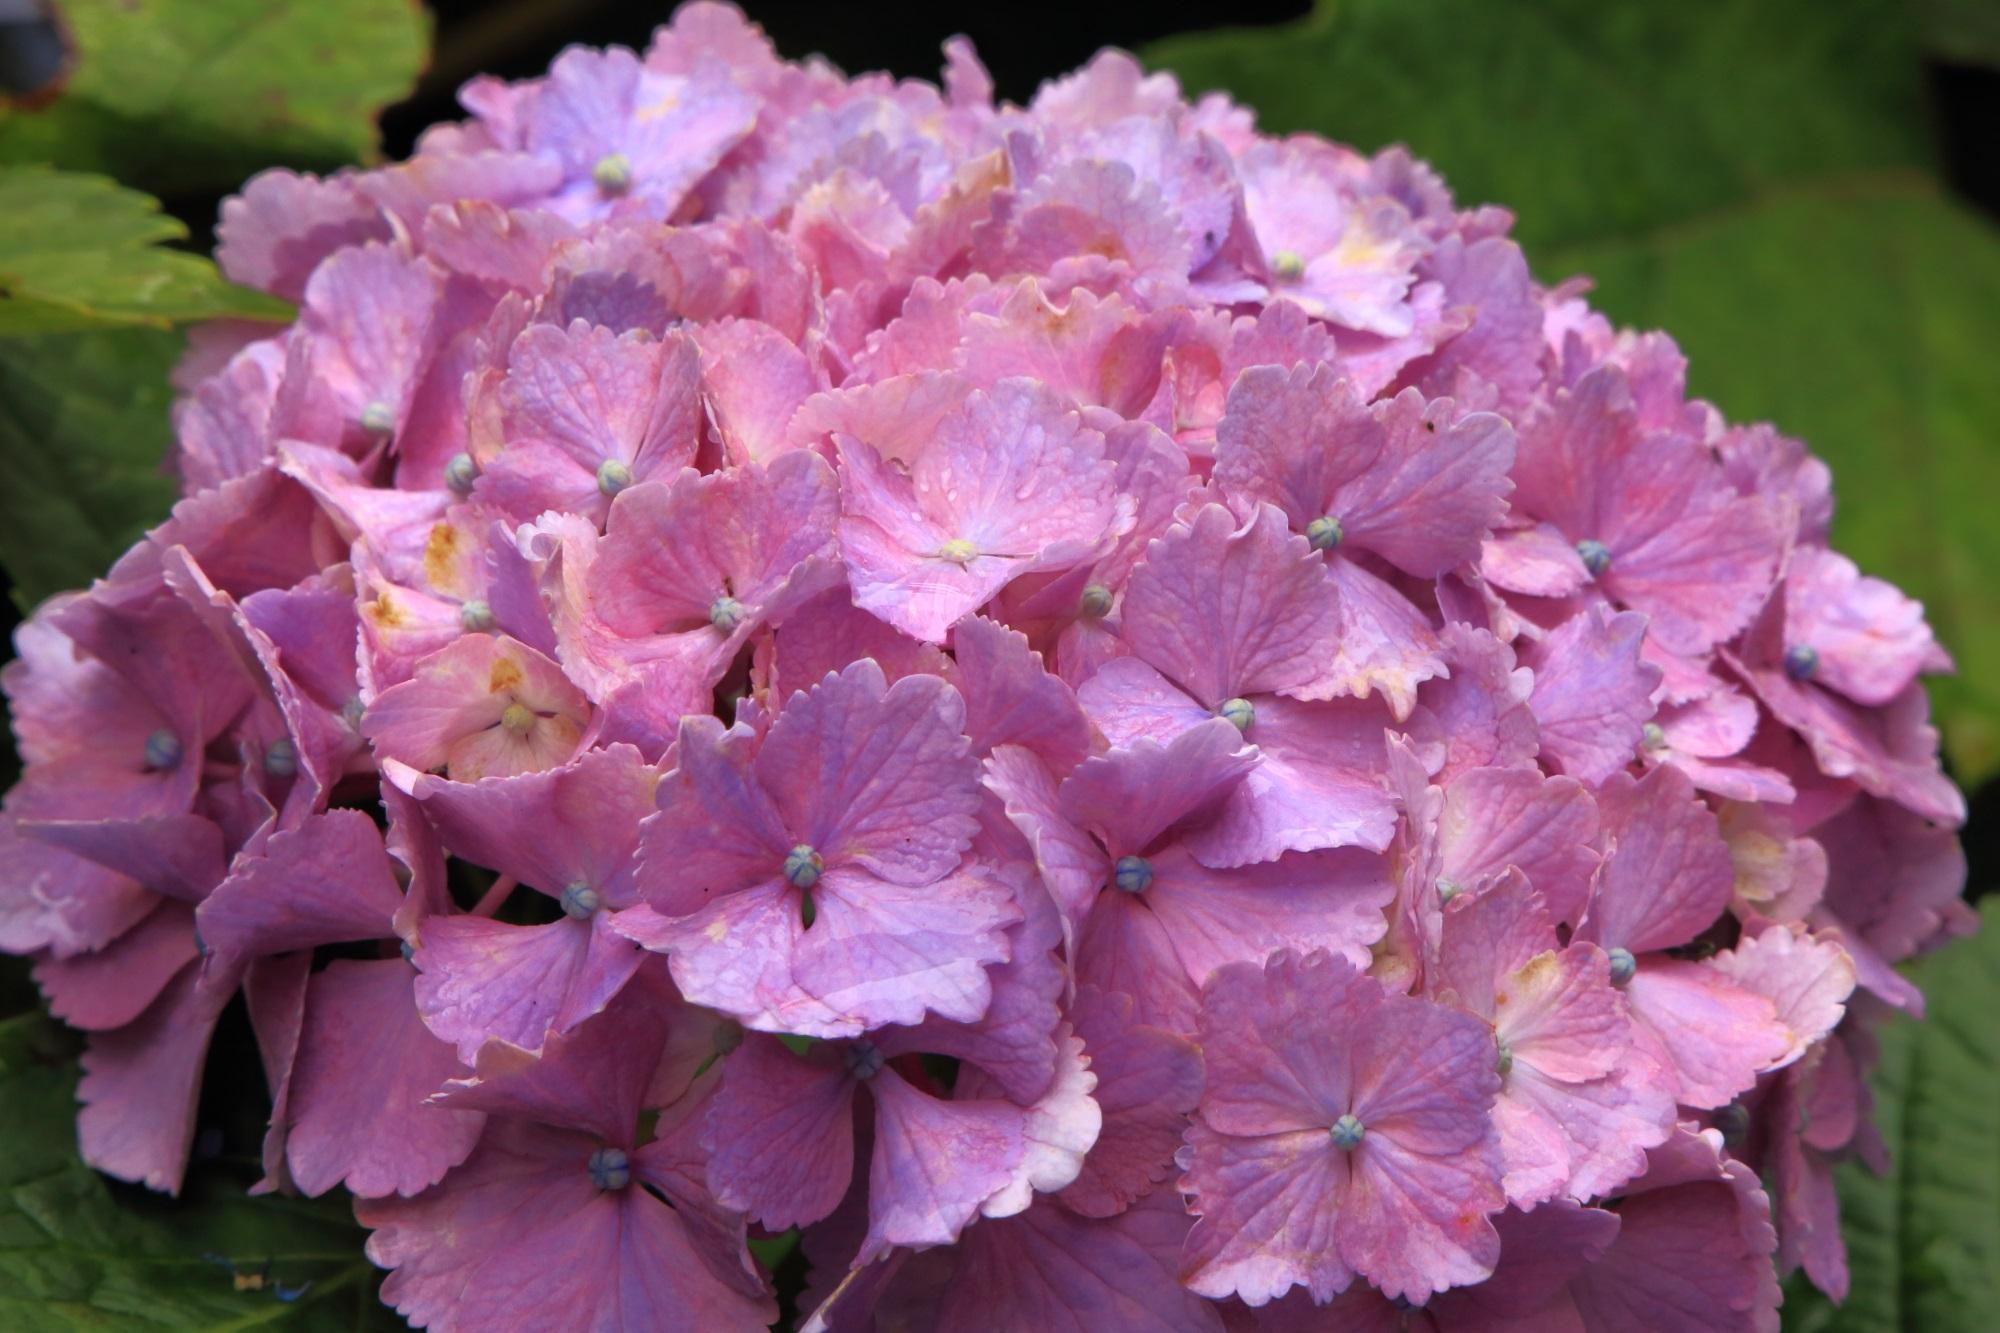 丹波あじさい寺の濃いめのピンクのオーソドックスな紫陽花